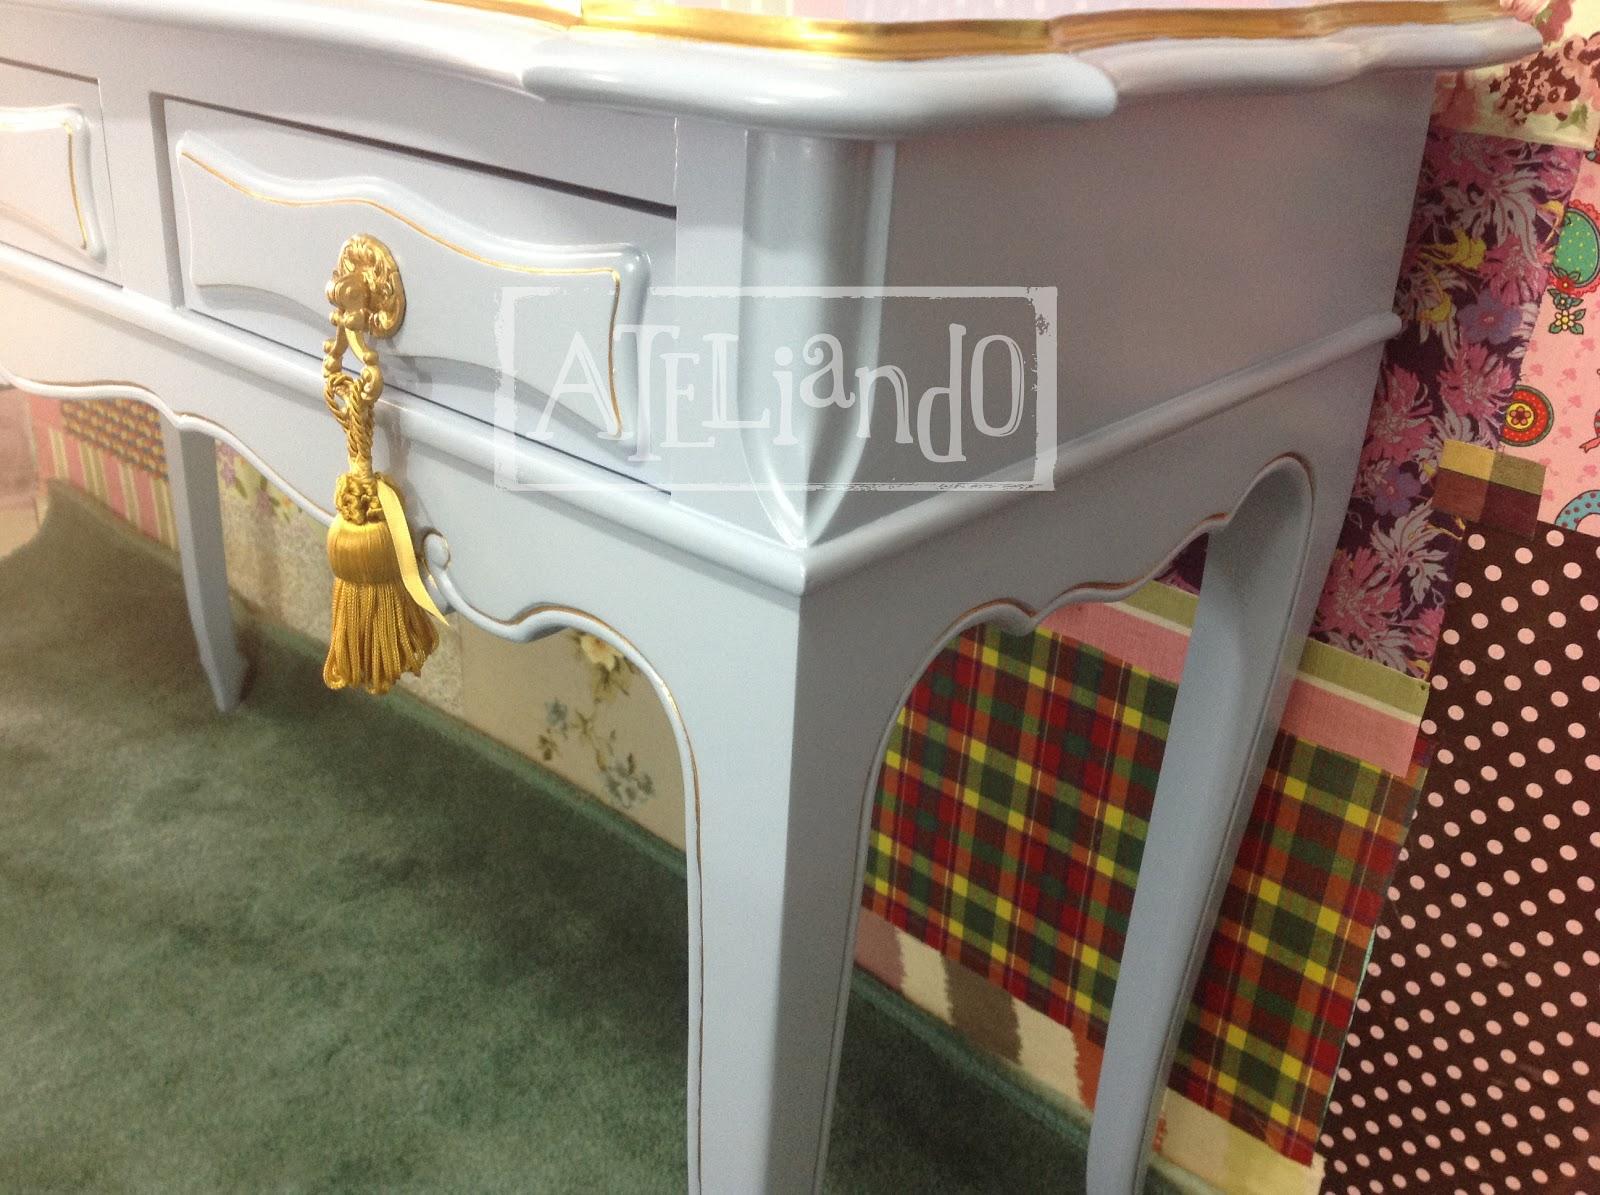 Ateliando Customização de móveis antigos: Aparador Lolita #996D32 1600x1195